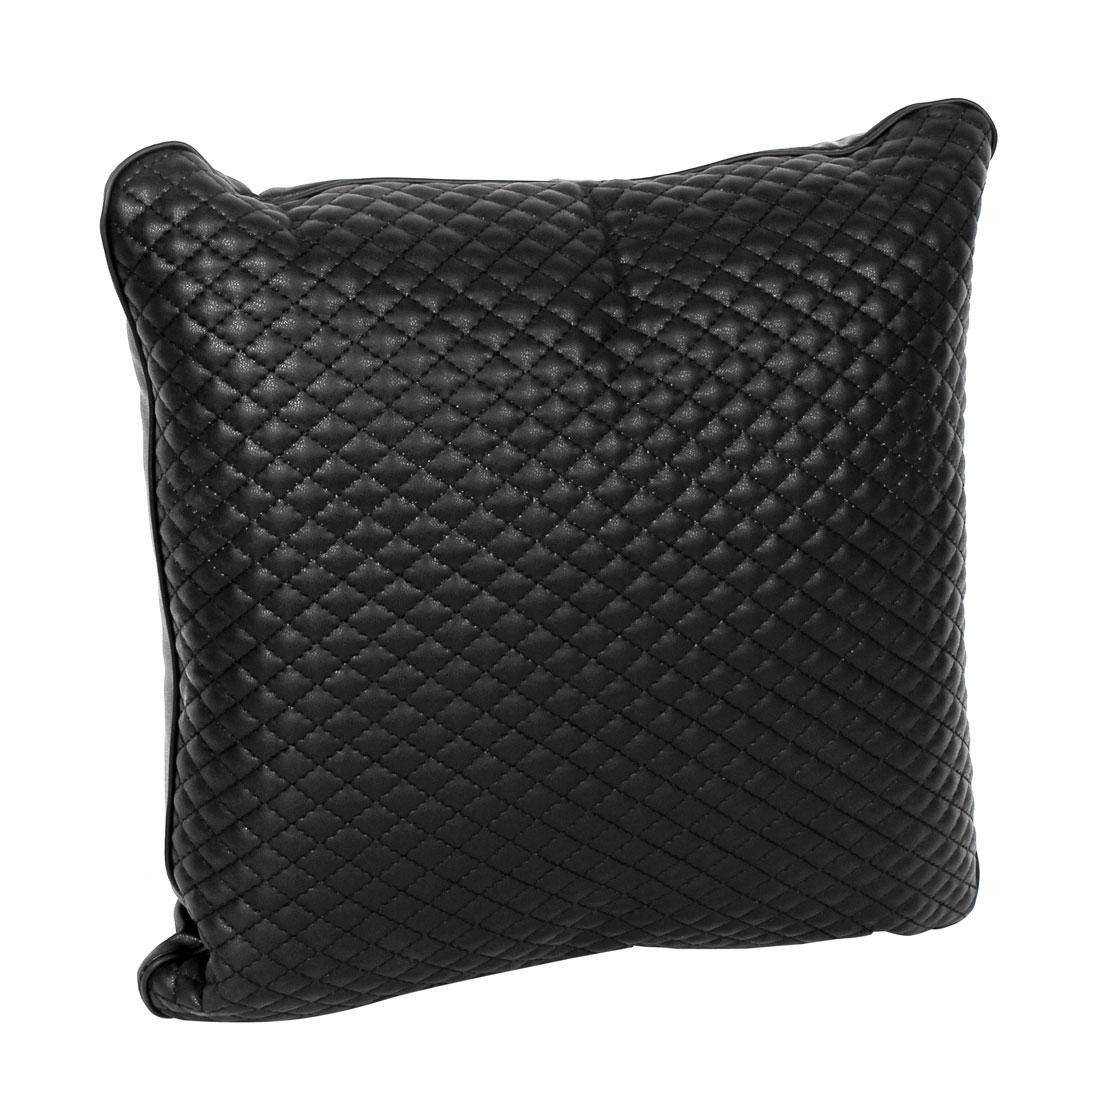 Black Rhombus Print Car Vehicle Interior Throw Pillow Cushion Pad 38 x 38cm